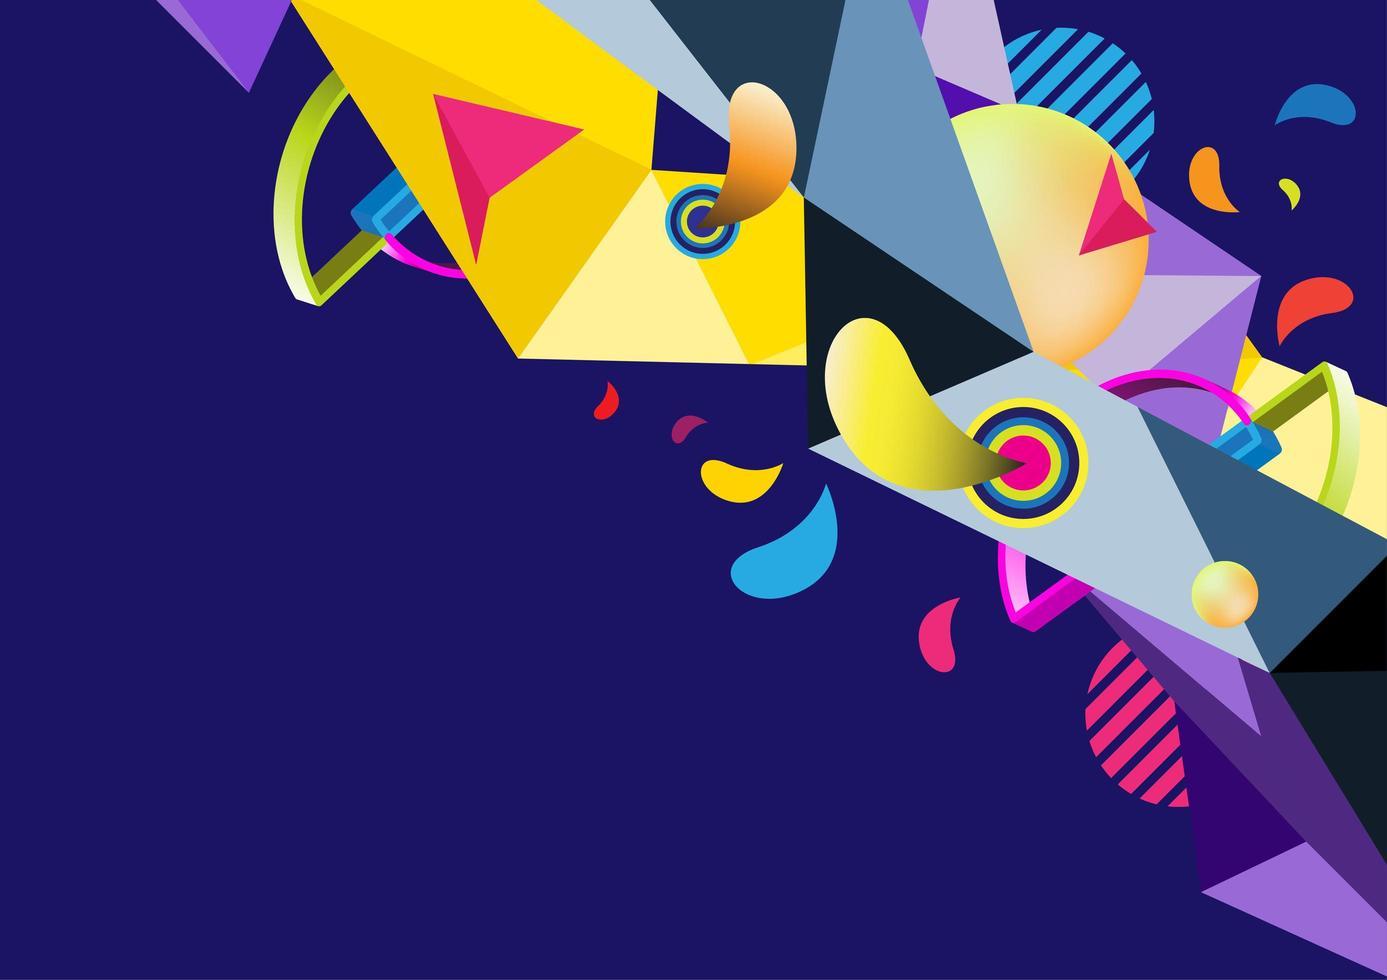 abstrakter Hintergrund der Polygonfeier vektor